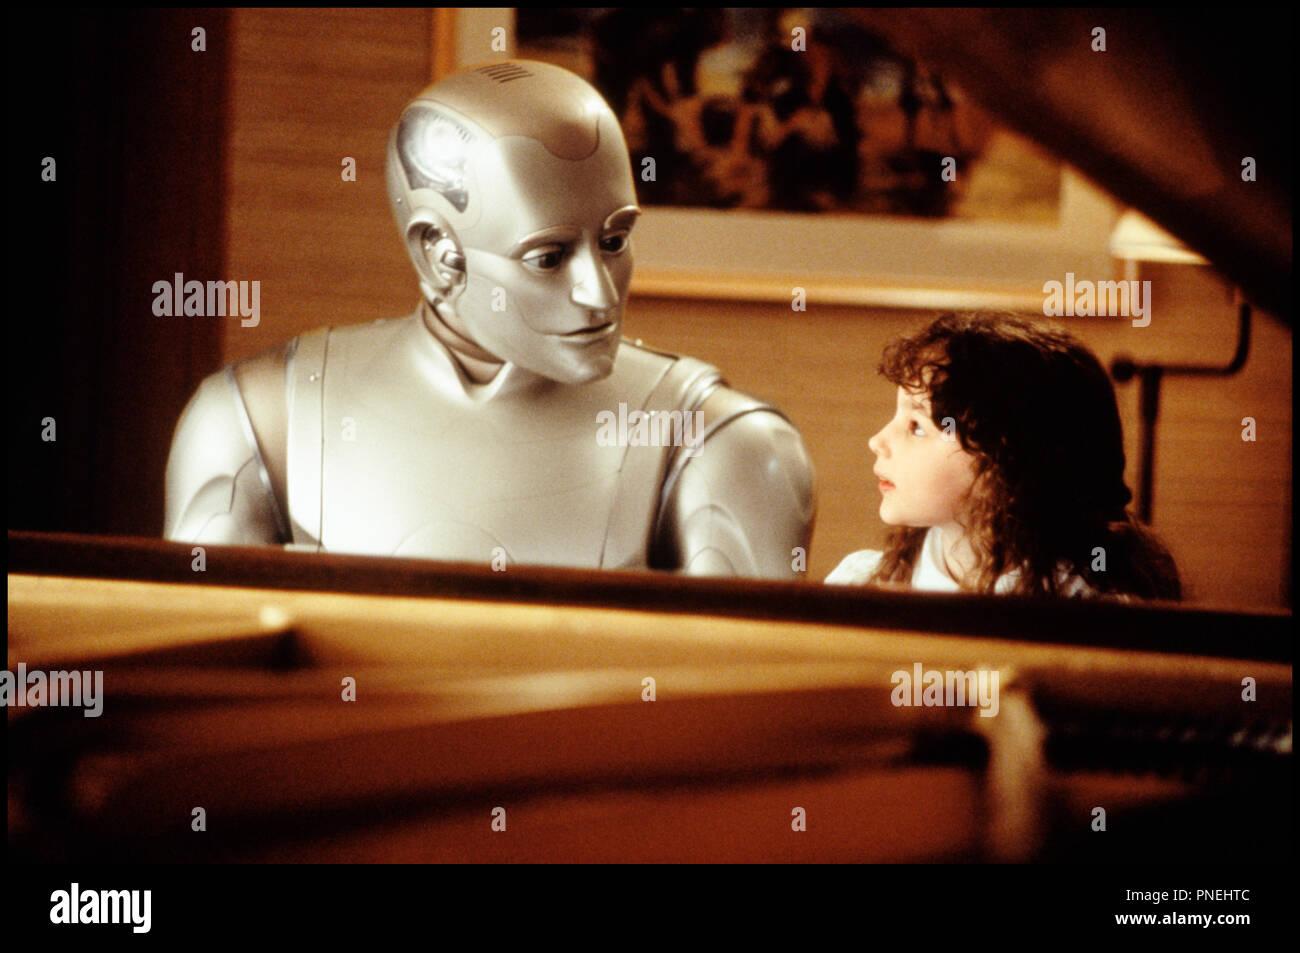 Prod DB © Columbia / DR L'HOMME BICENTENAIRE (BICENTENNIAL MAN) de Chris Columbus 1999 USA avec Robin Williams et Hallie Kate Eisenberg d'apres le roman de Isaac Asimov - Stock Image